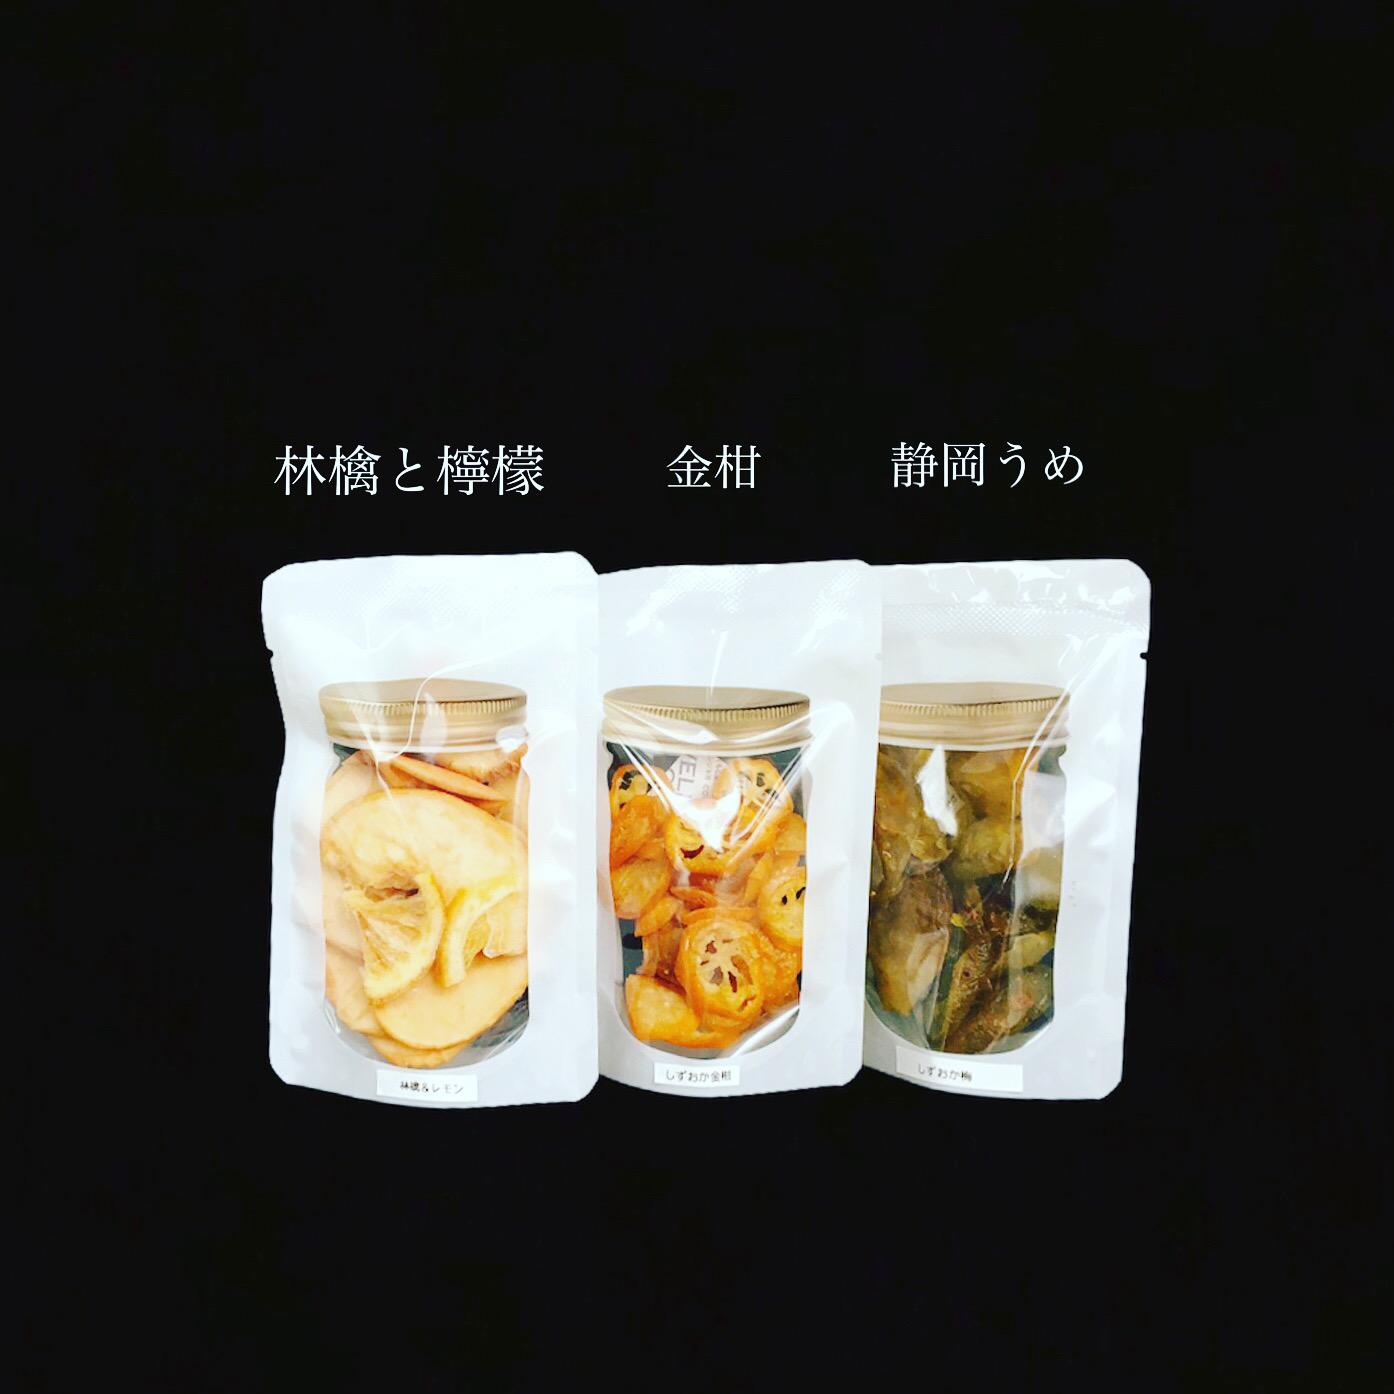 新製法でリニューアルした発酵ドライフルーツが新登場♪